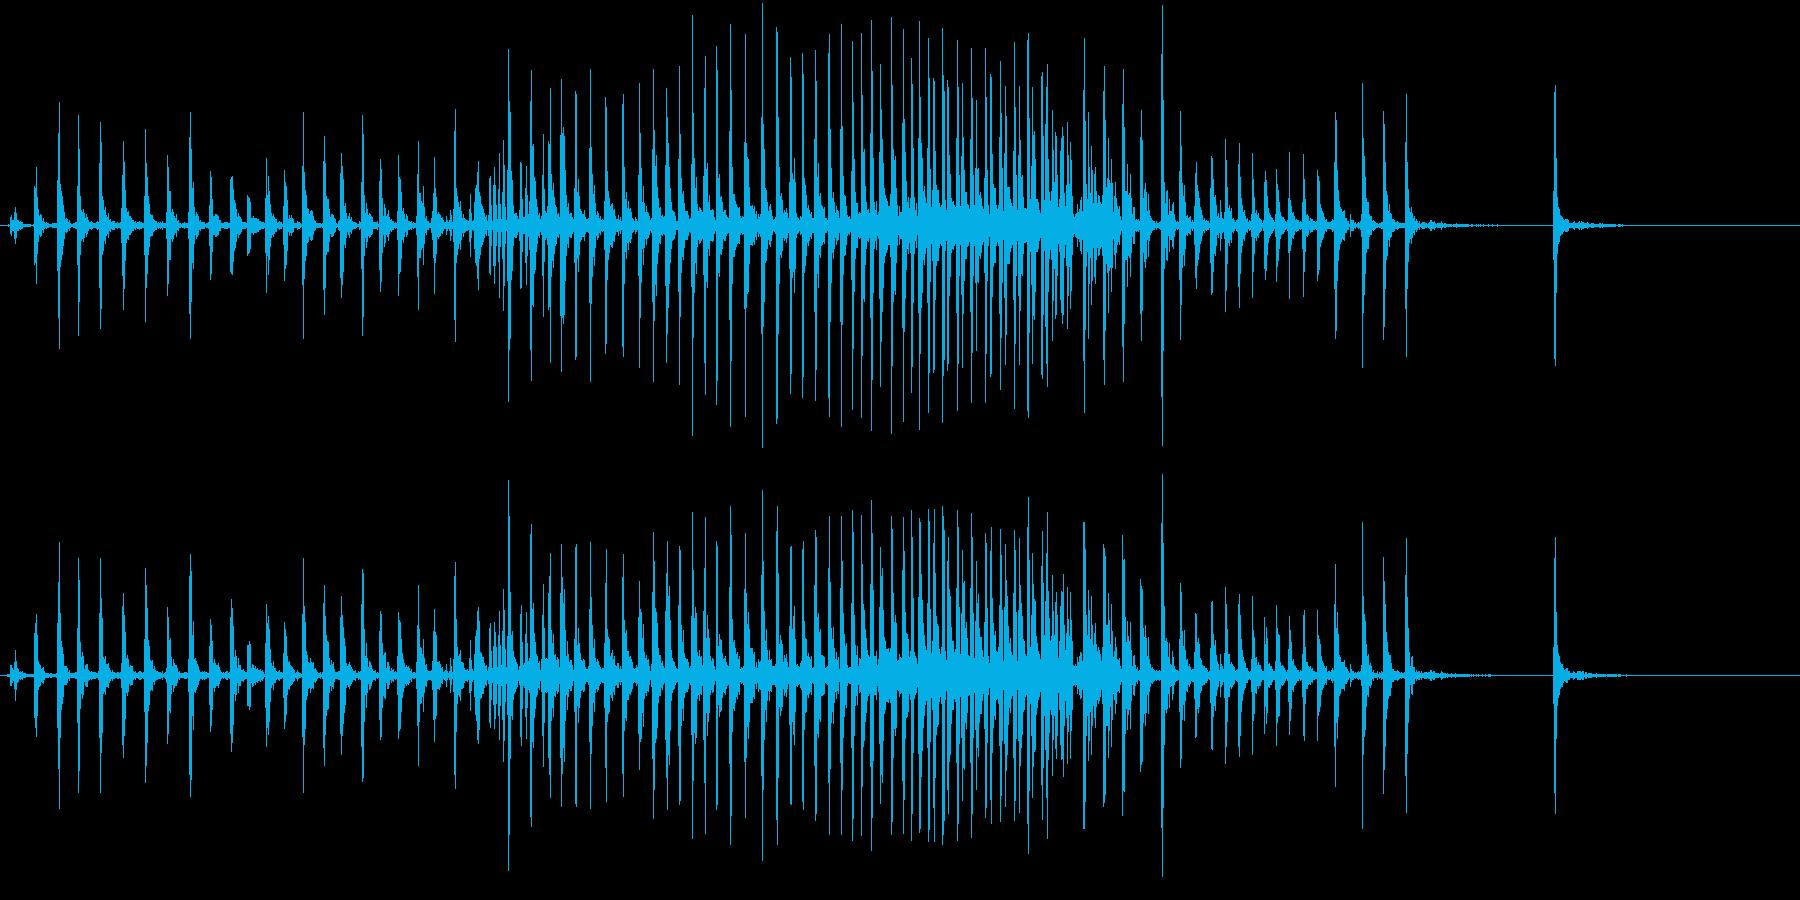 【生録音】ぎゅーっと強く握り締める音 1の再生済みの波形